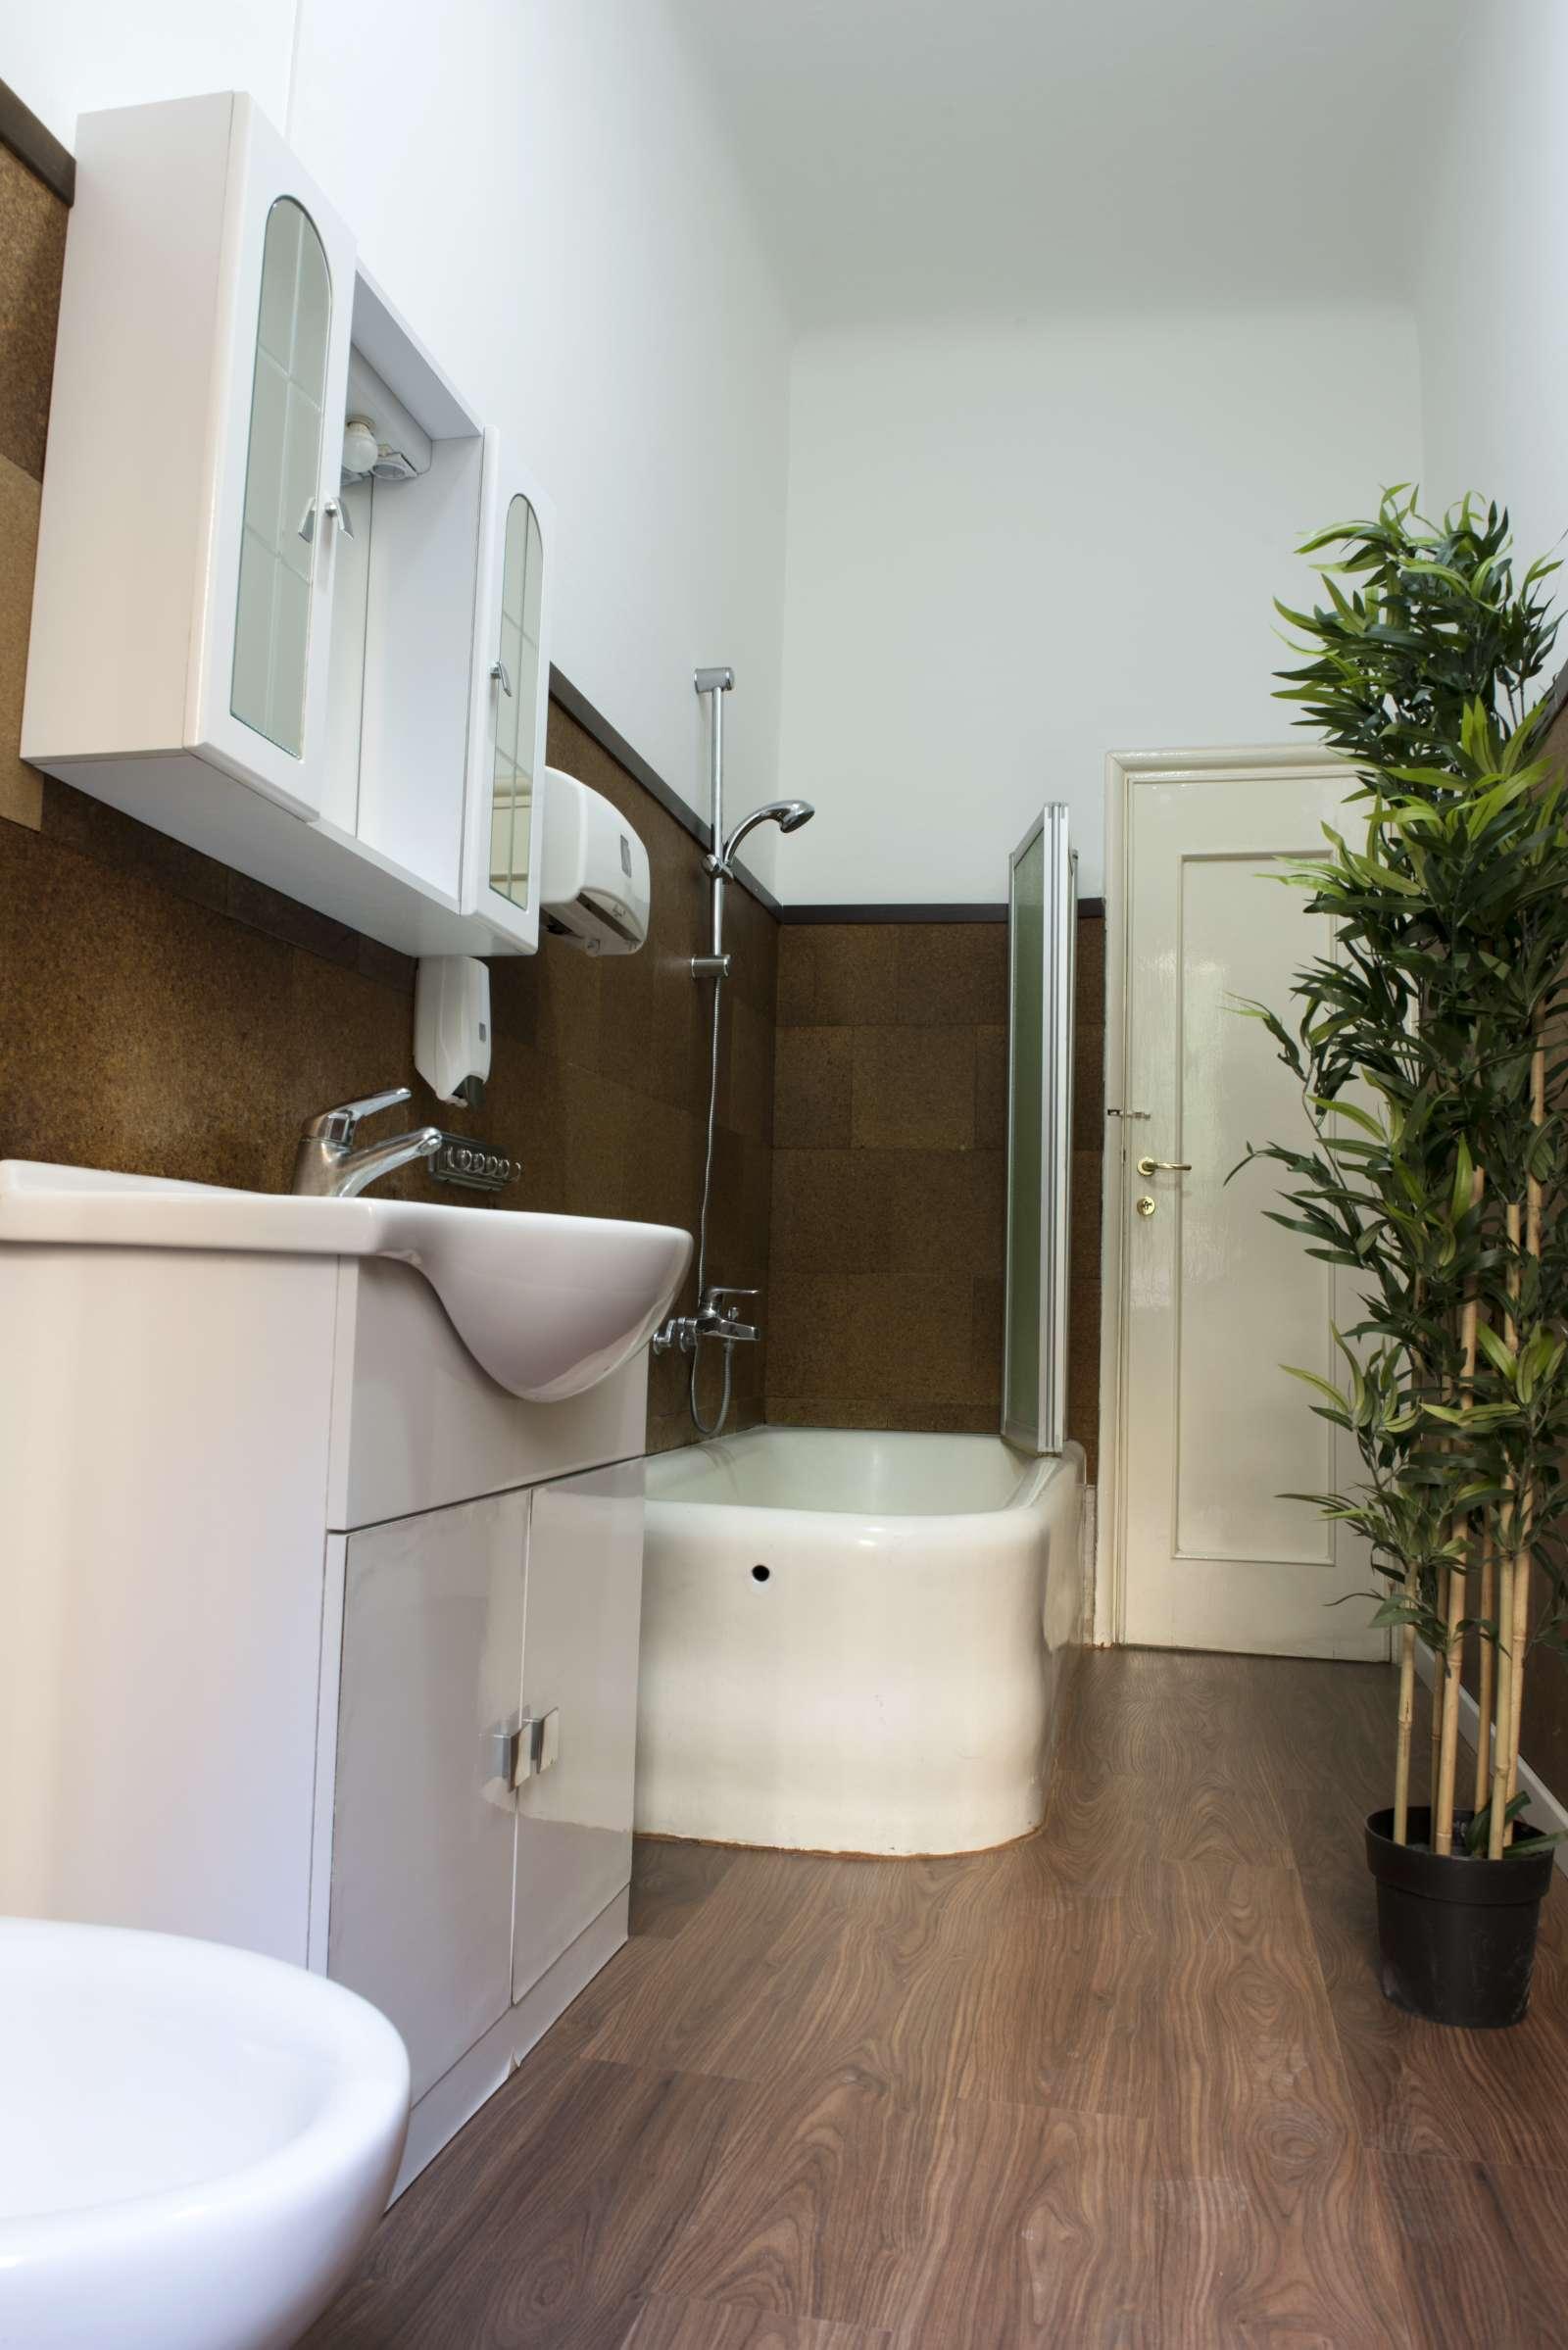 Appartamento 3 Camere Da Letto Milano : Camera doppia in appartamento con camere da letto porta